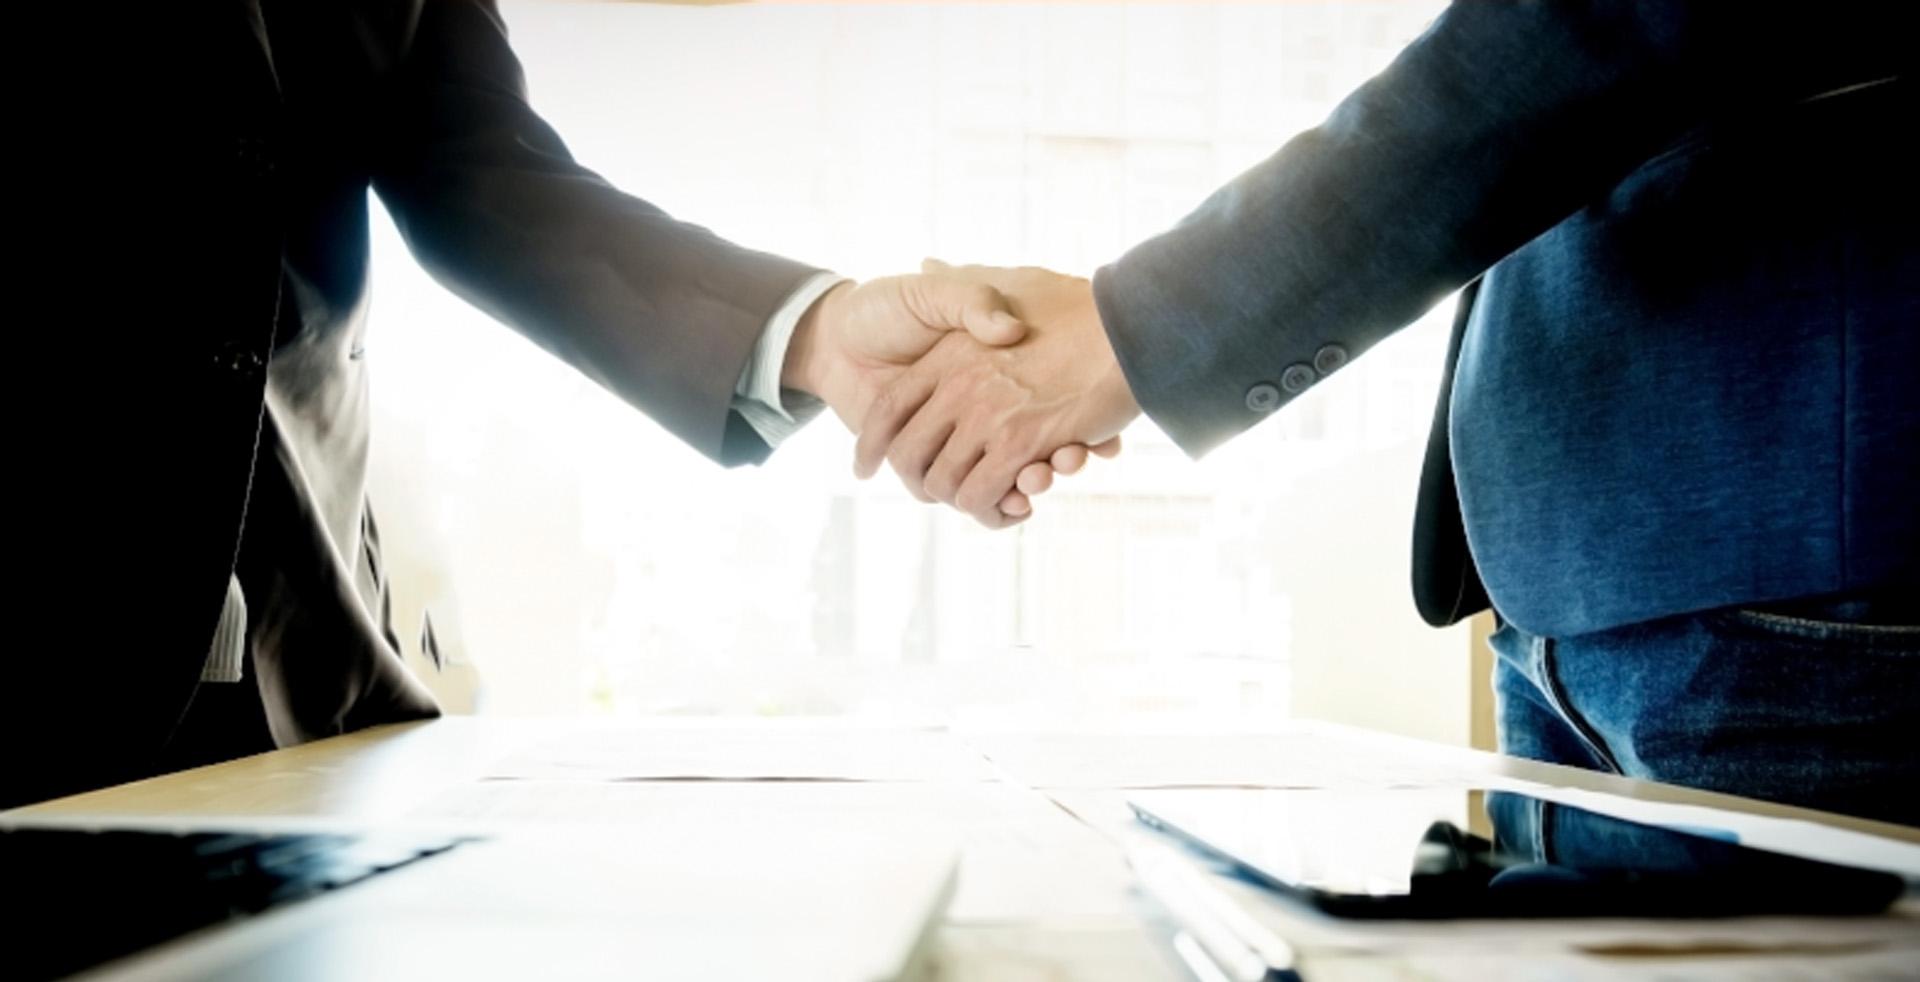 Die Agenturebene für Ihre externen Vertriebspartner